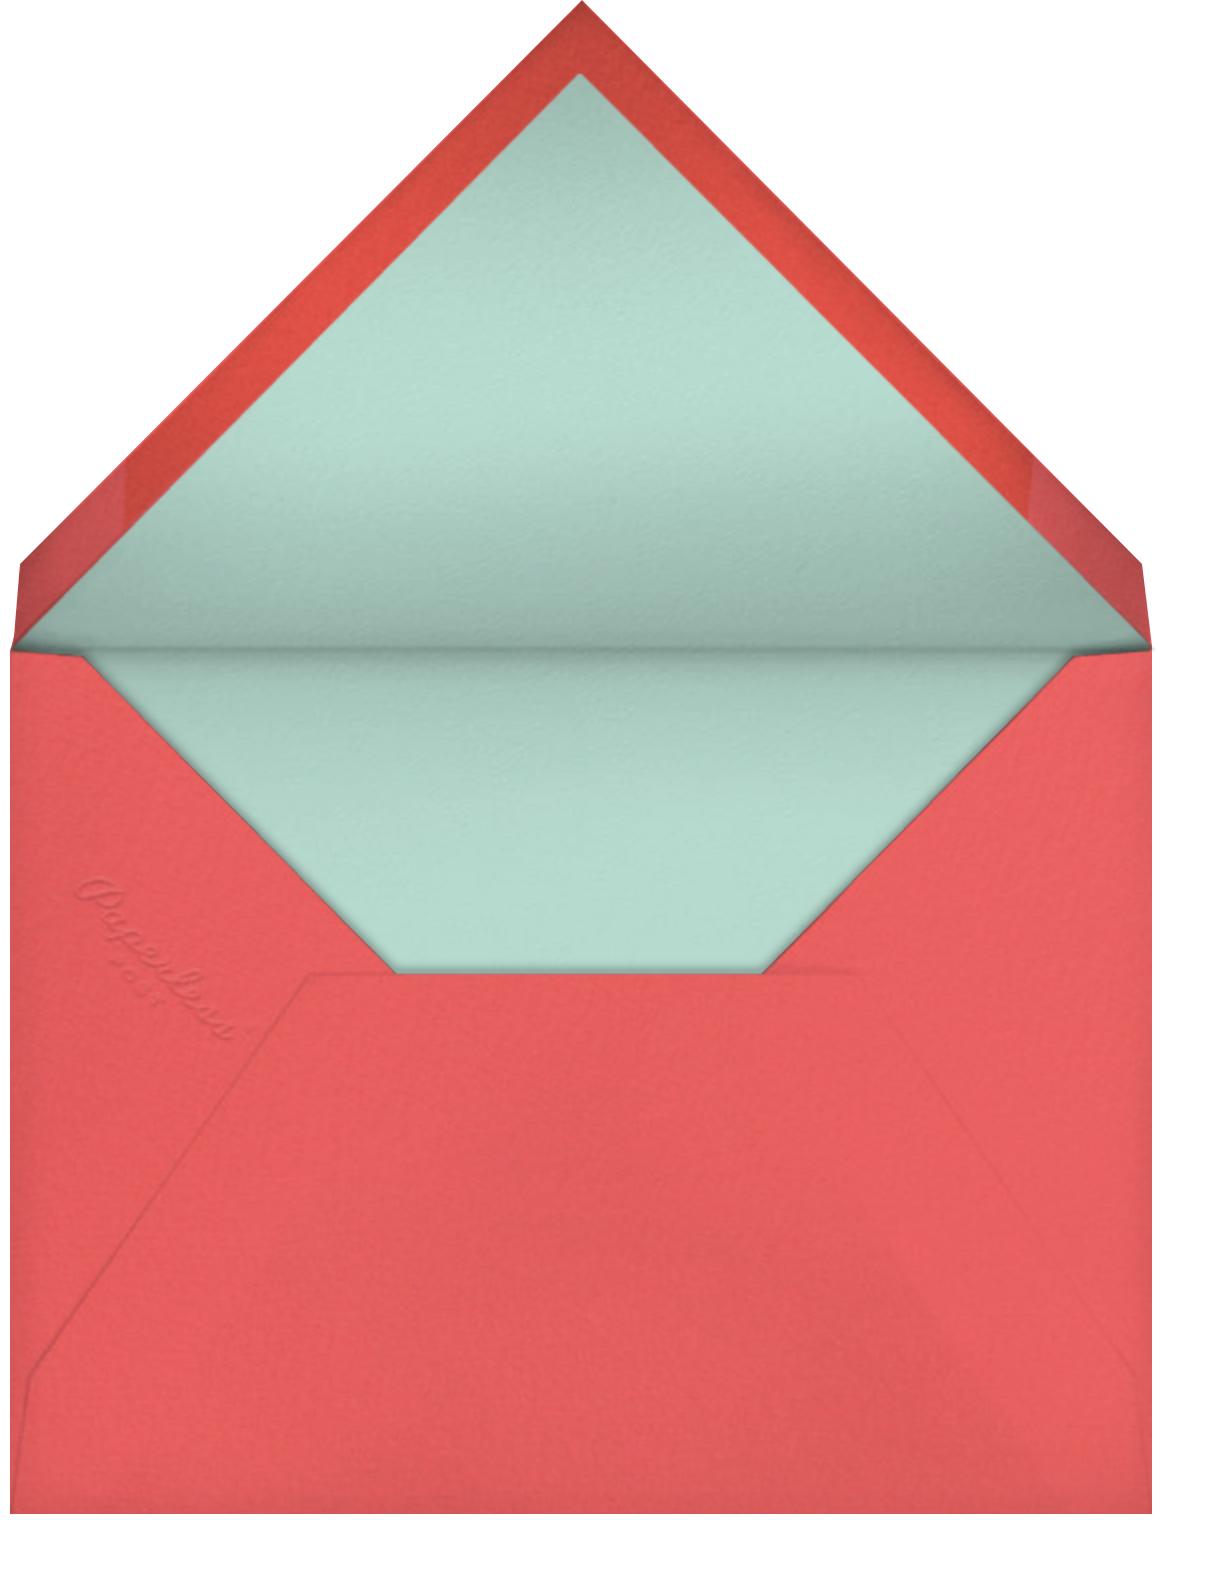 Mermaids (Becca Stadtlander) - Red Cap Cards - Envelope